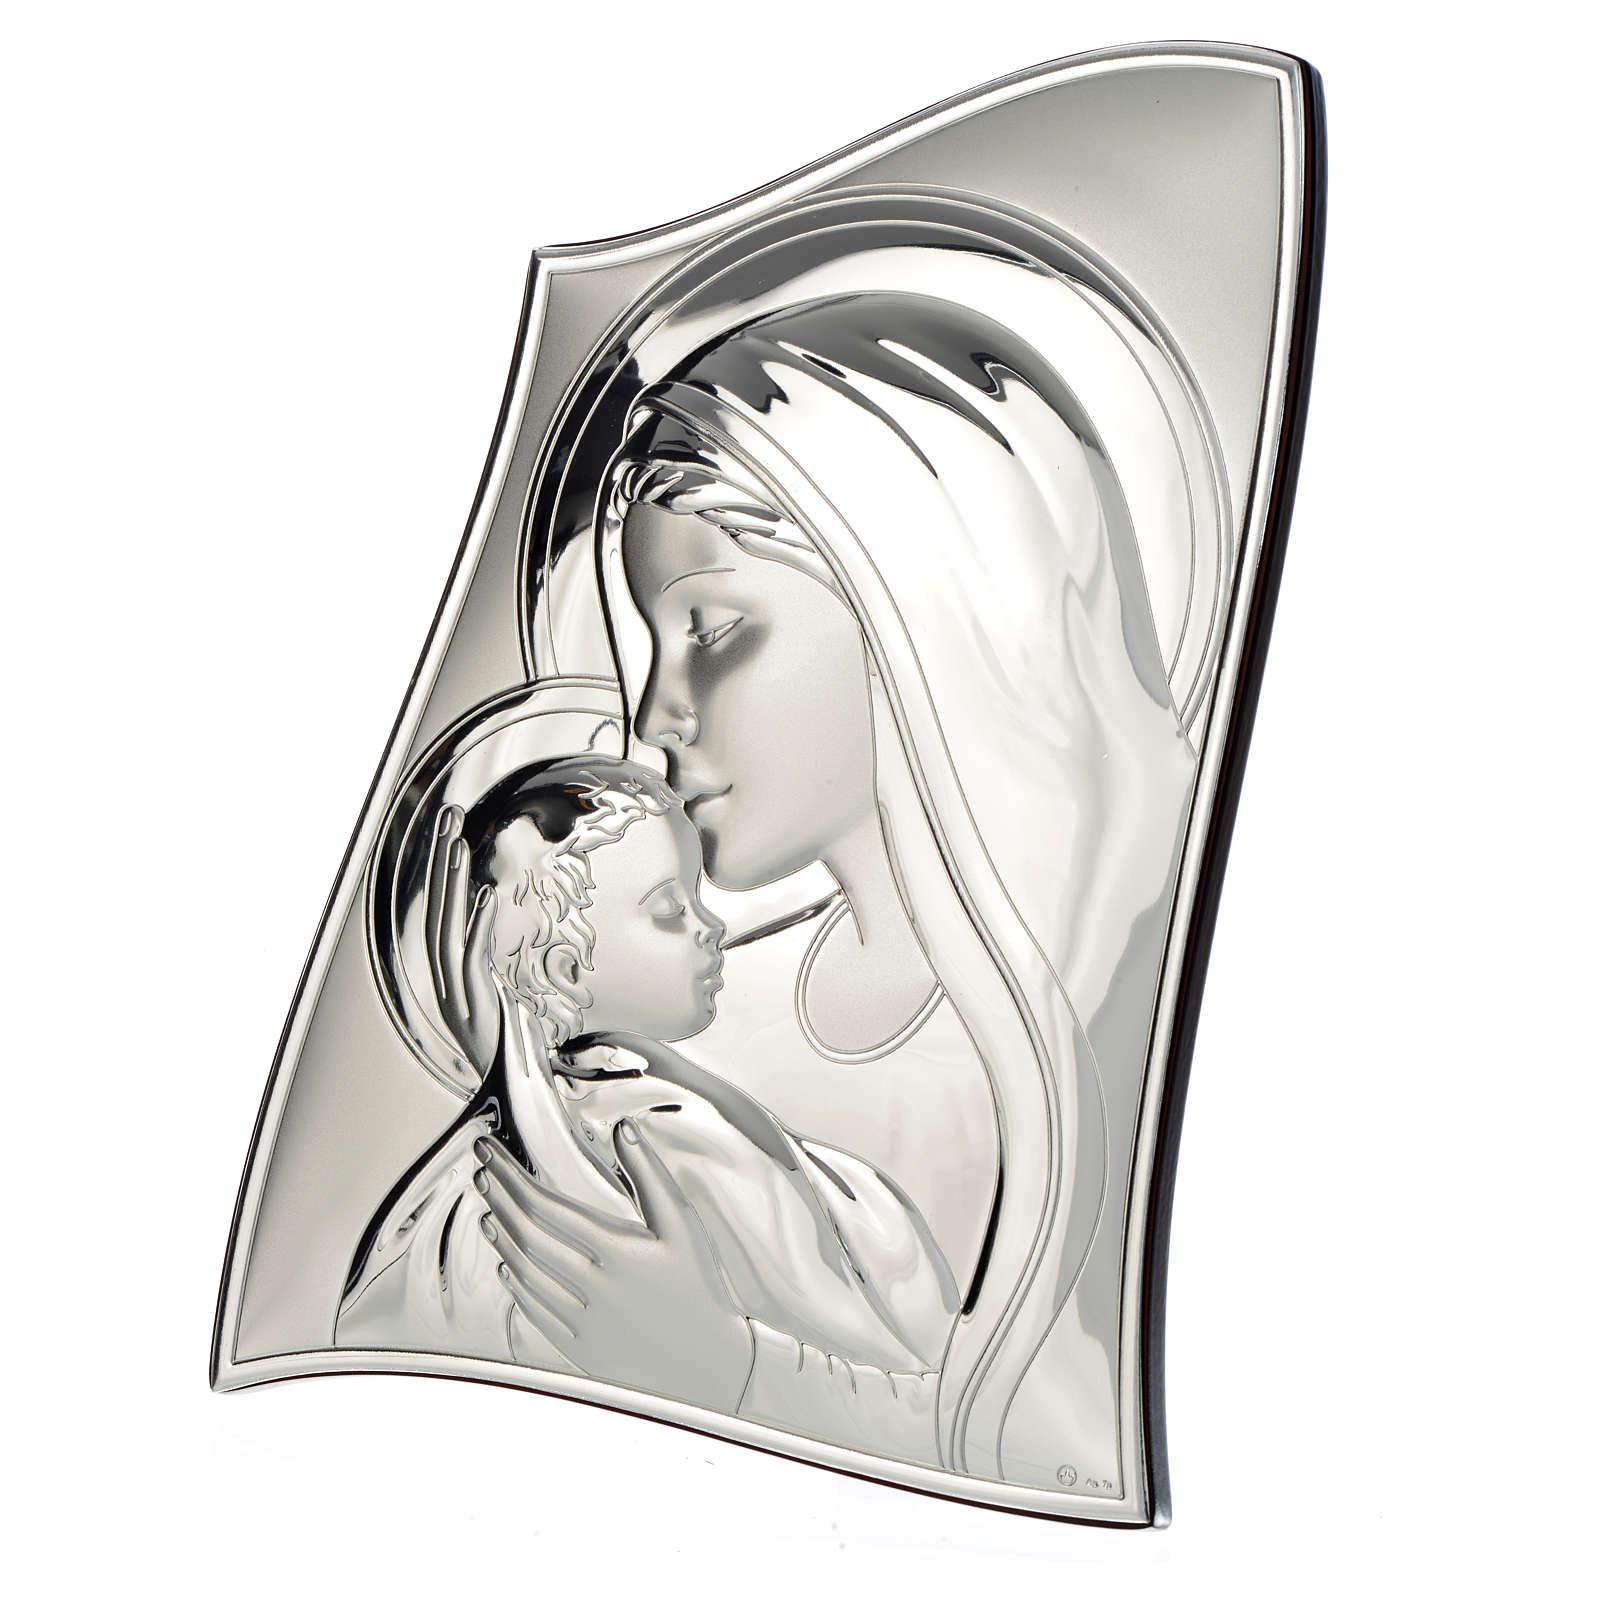 Obraz Madonna z Dzieciątkiem płytka srebra faliste brzegi 20x28 cm 4